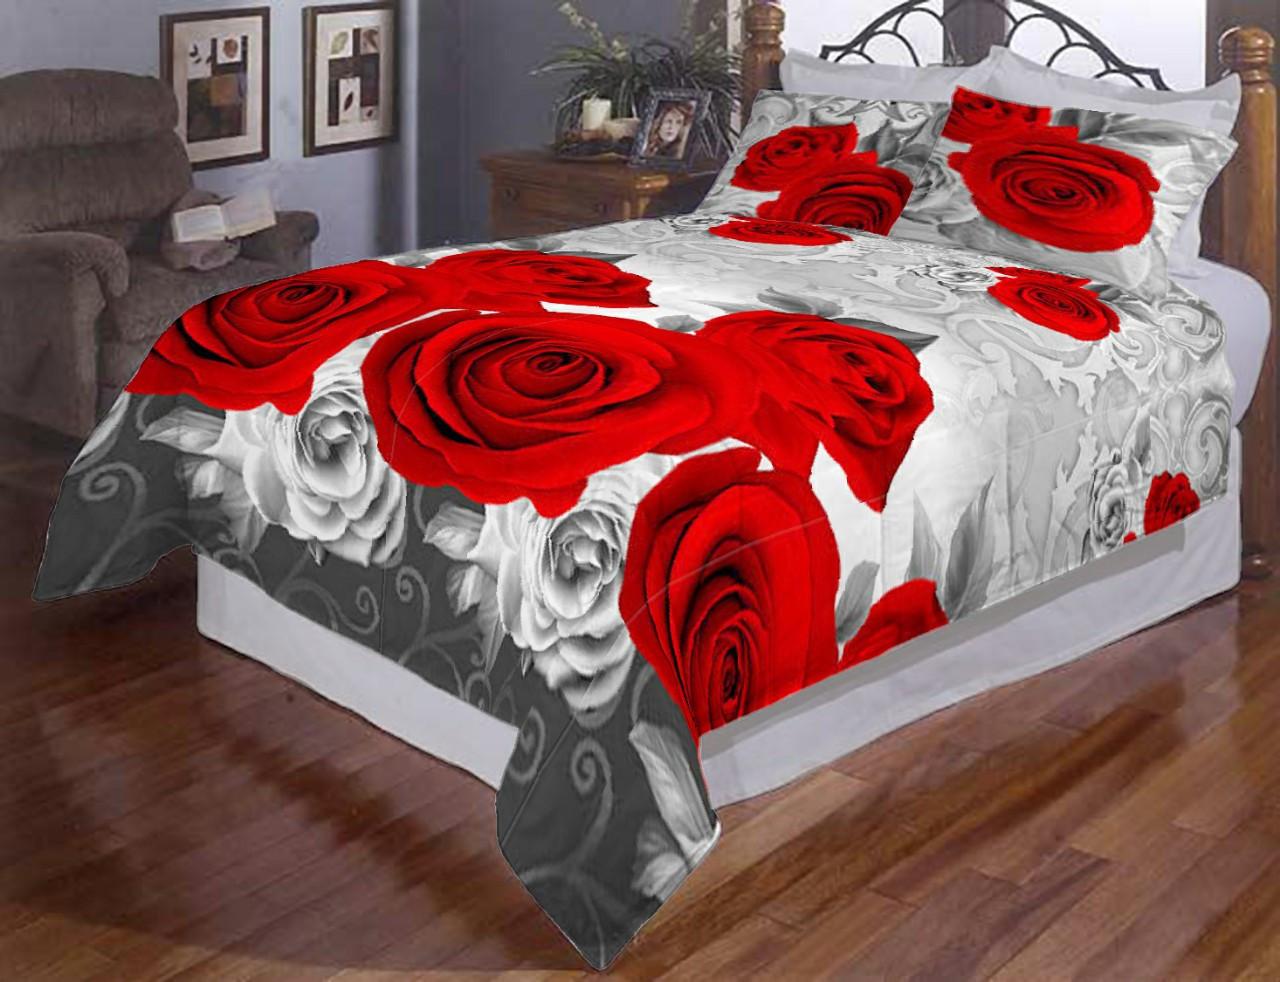 Комплект постельного белья Розы на сером, полуторное